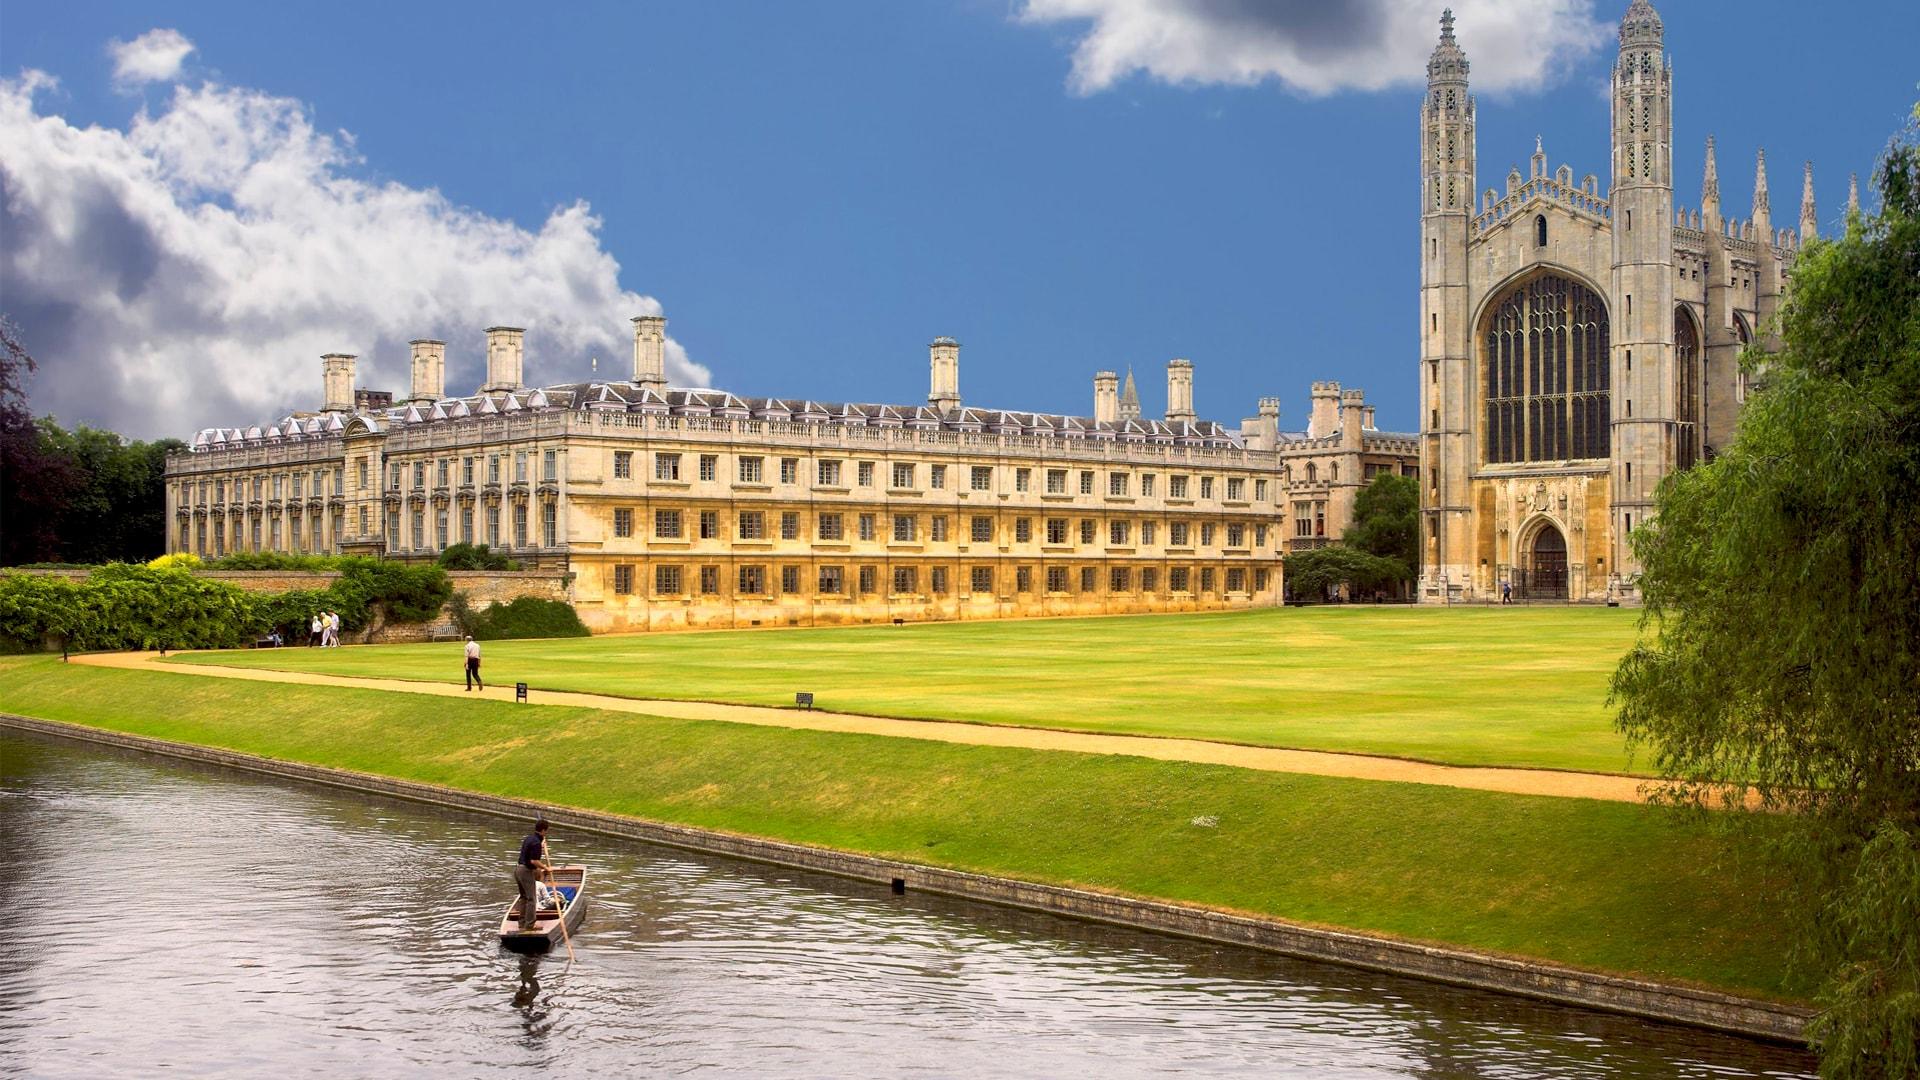 İngiltere'de Üniversite Okumak İçin Geç Değil!